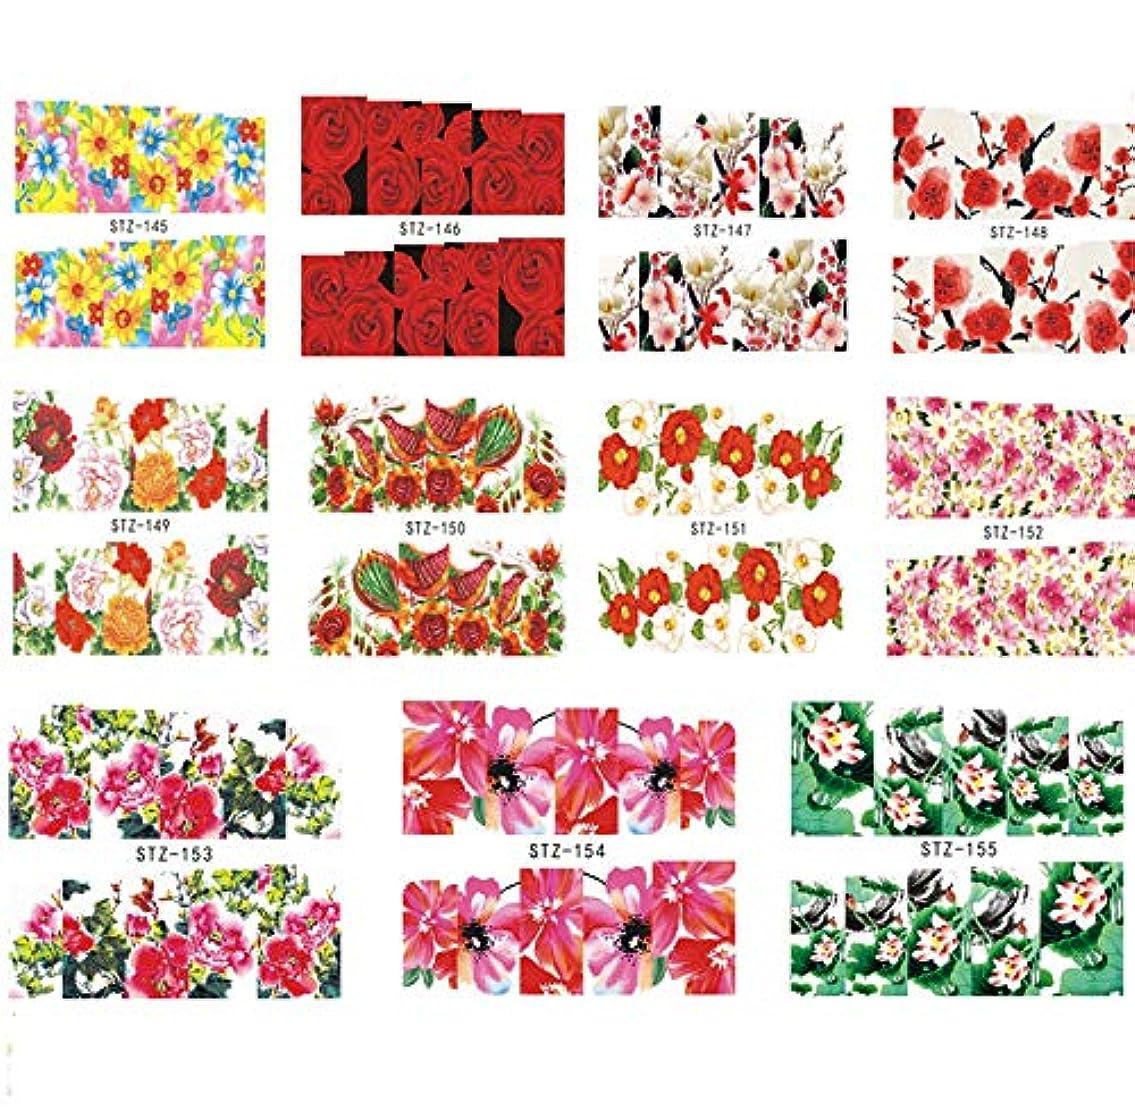 裁判所オピエートしつけSUKTI&XIAO ネイルステッカー 1セット混合11デザインフルチップネイルアート冬の花水転写ステッカー箔デカールネイル